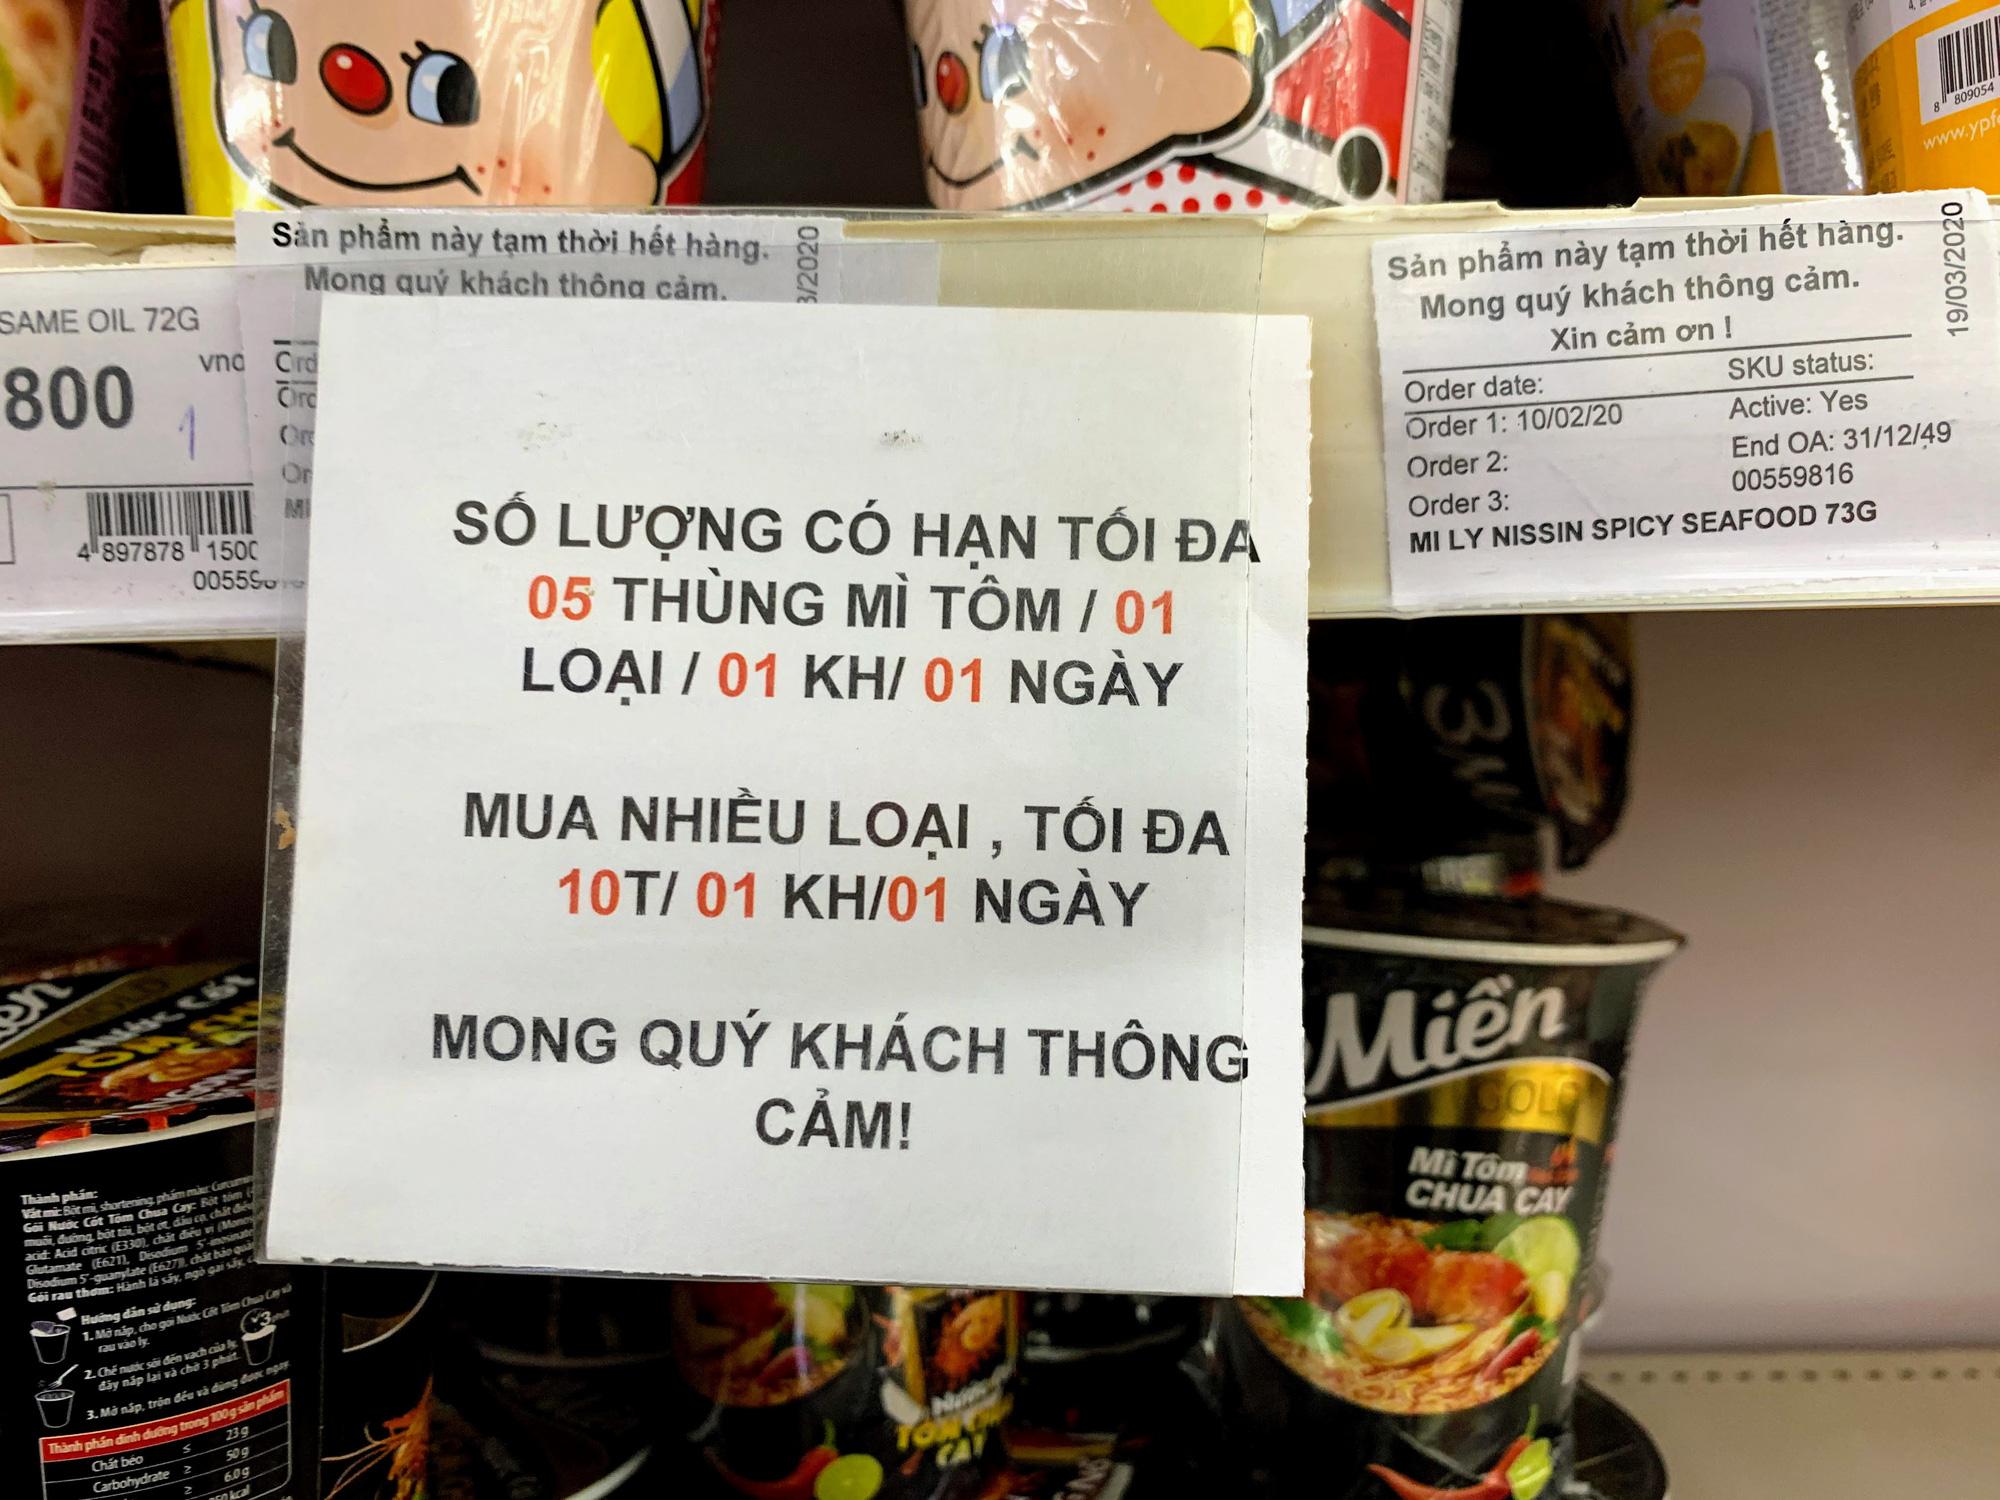 Trước giờ giới nghiêm, người Hà Nội ùn ùn kéo về siêu thị, mua sạch mì tôm, thực phẩm, giấy vệ sinh - Ảnh 9.